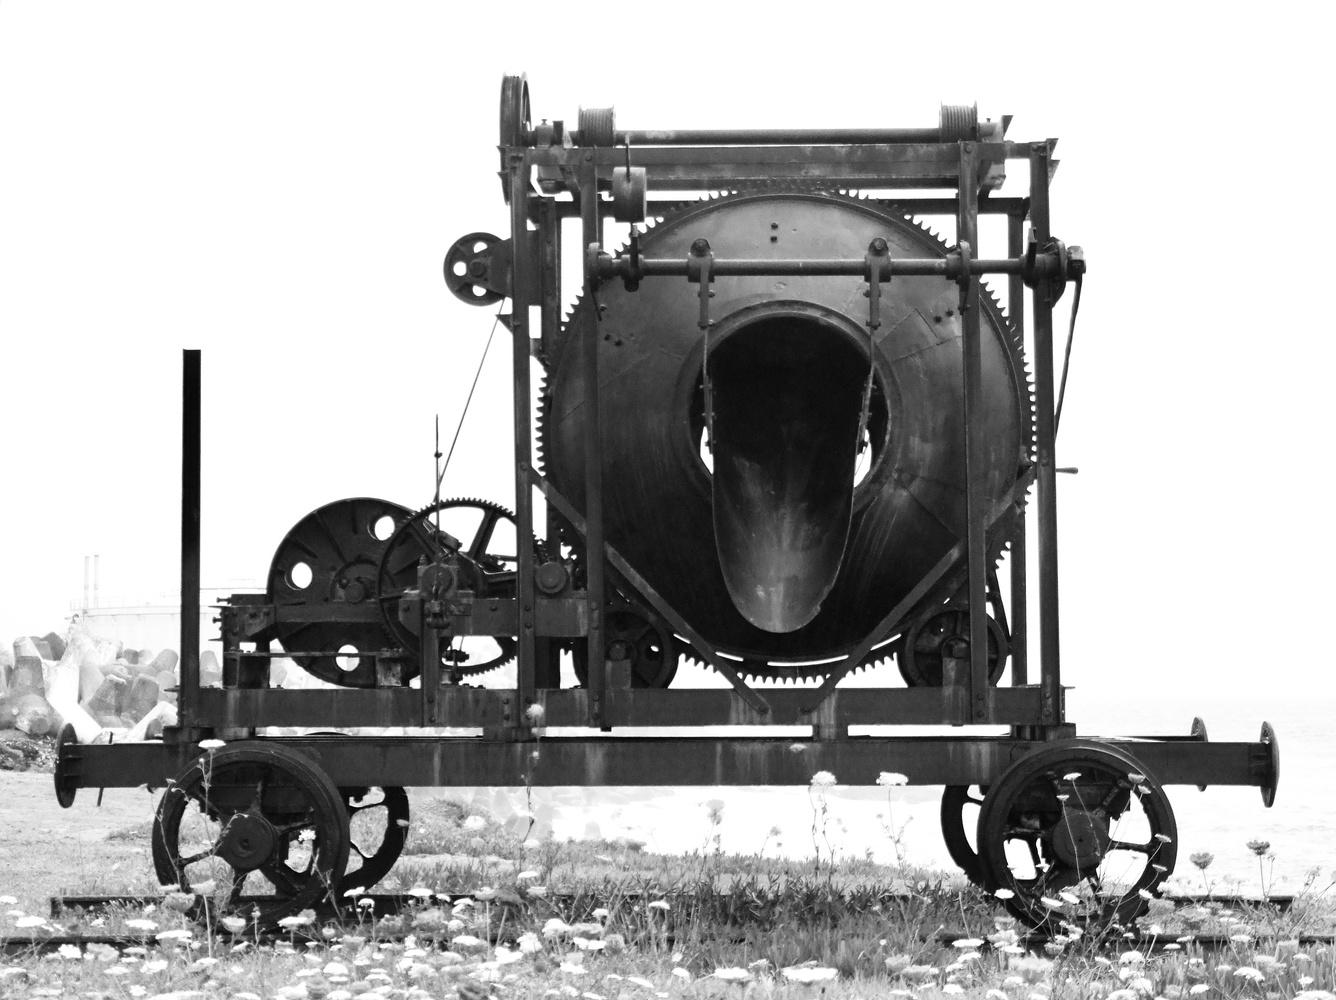 Victorian machine by William Hunt